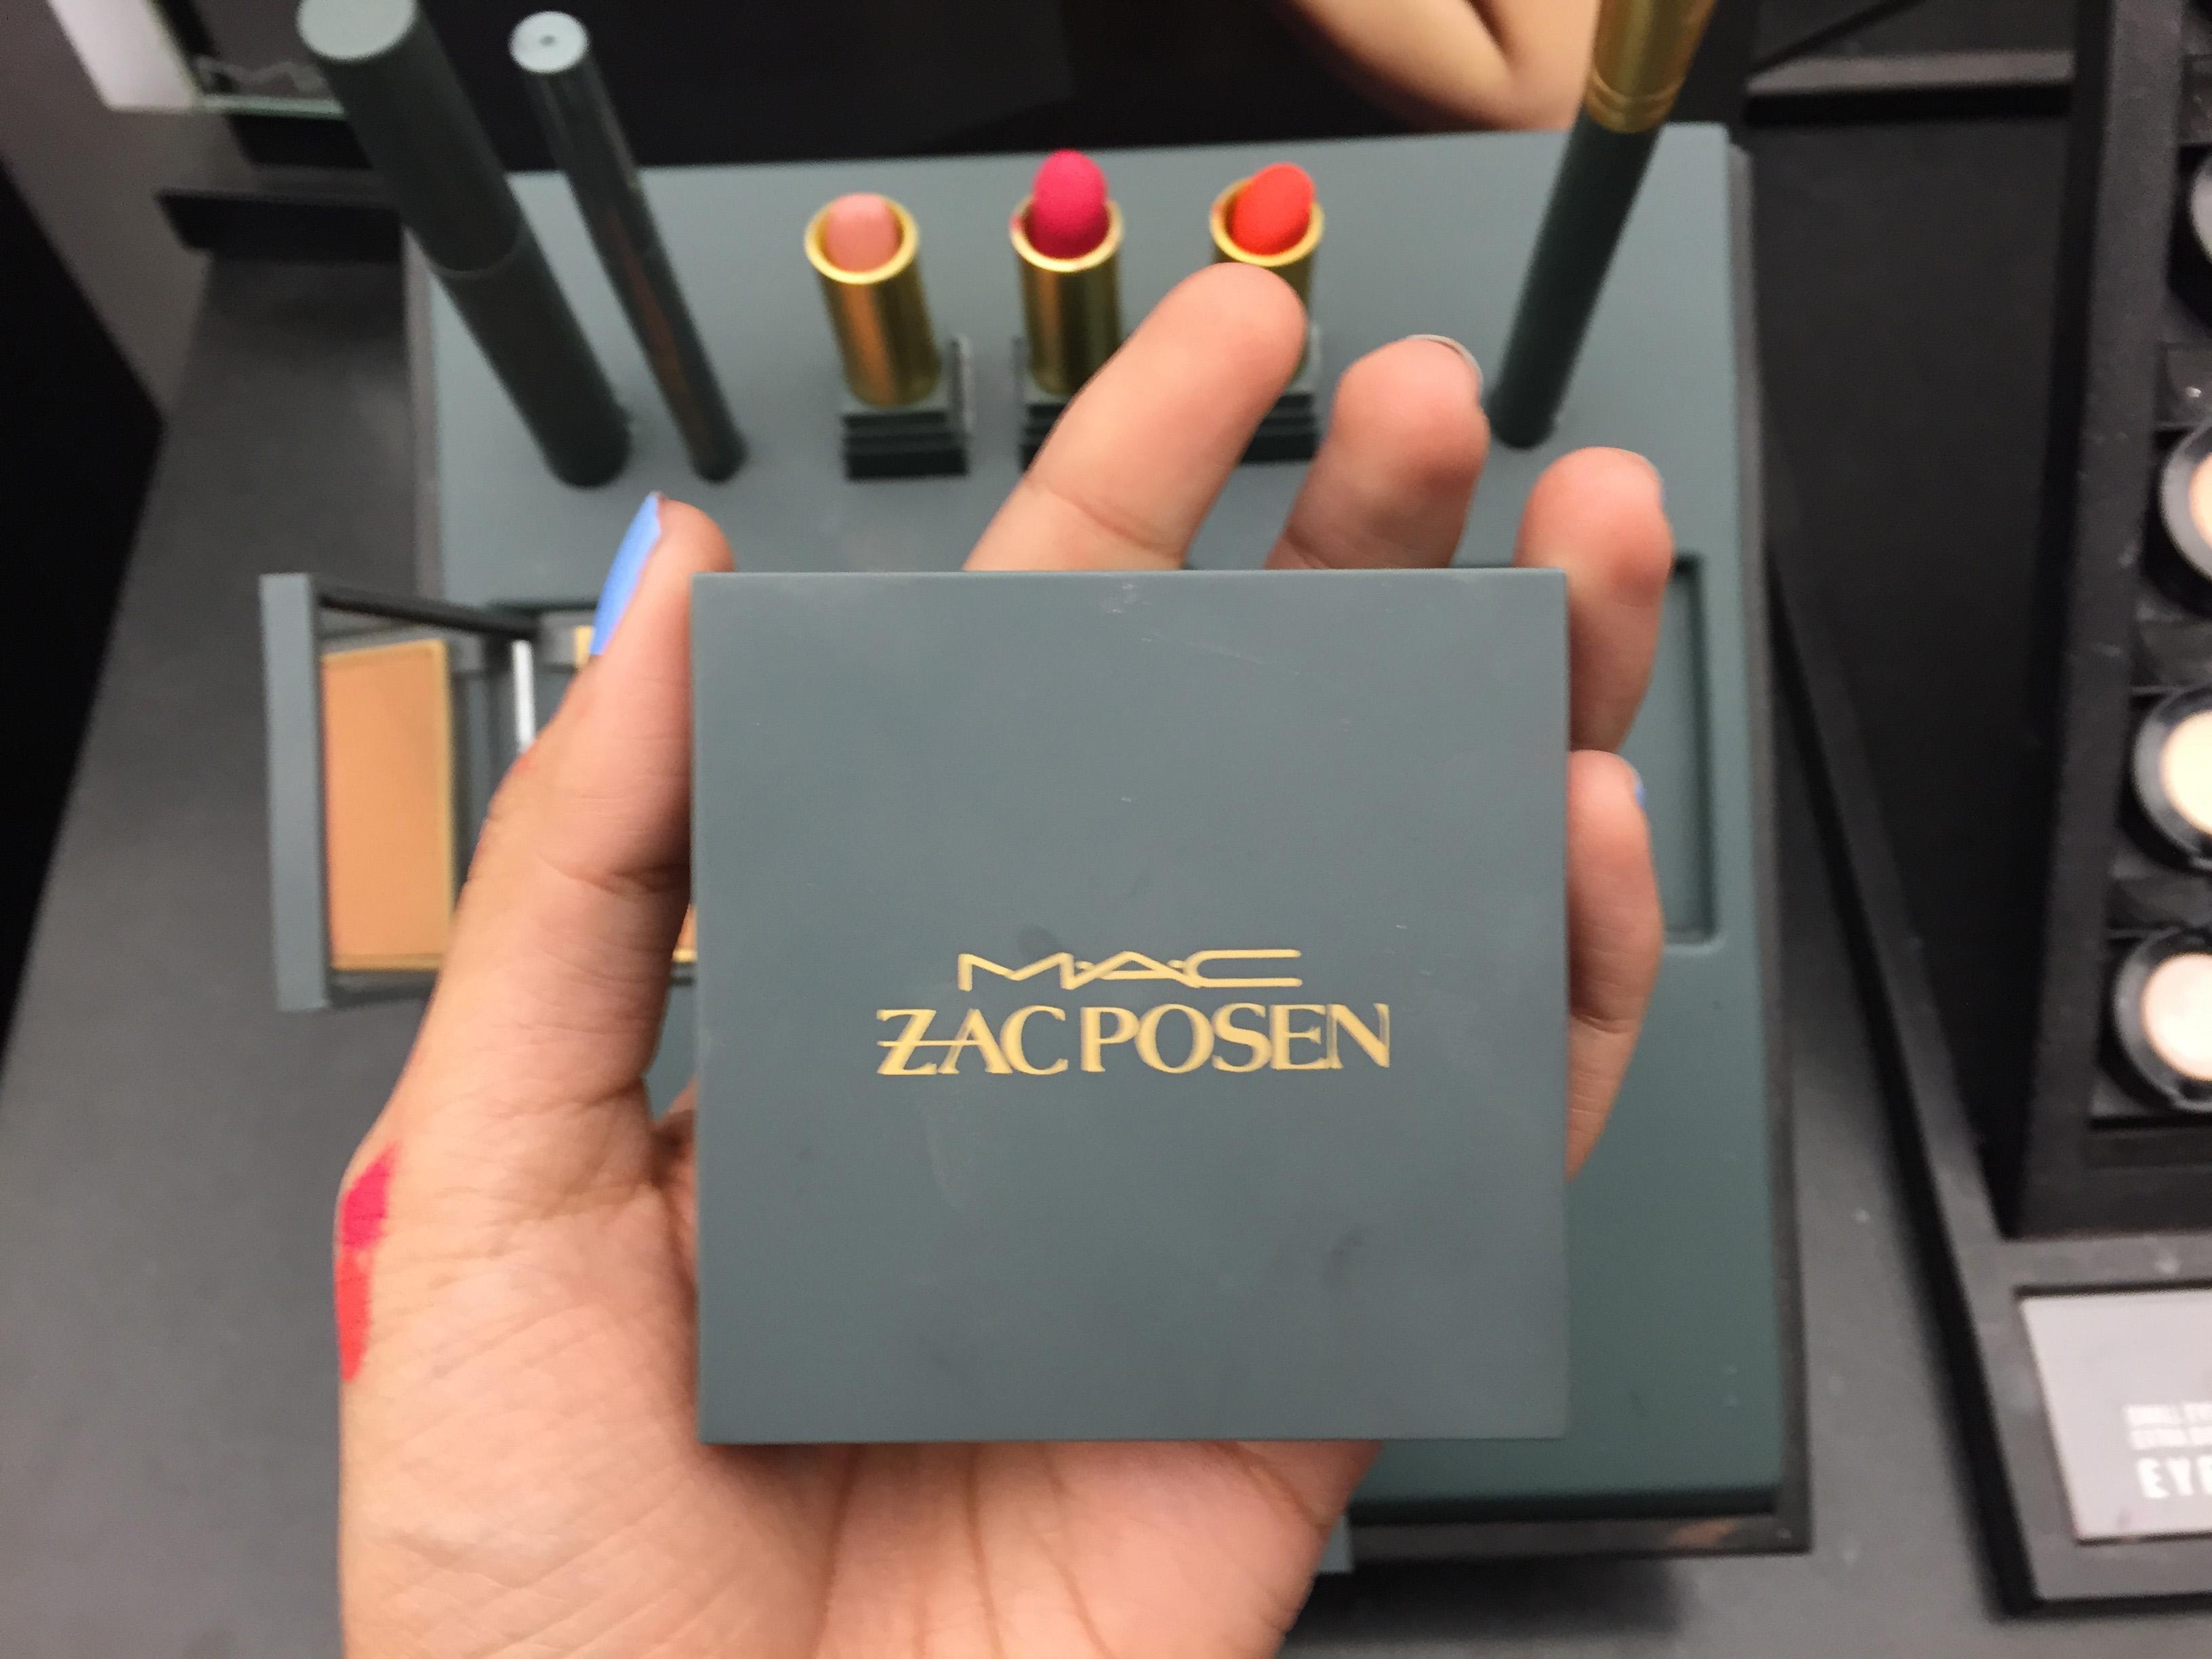 Colección MAC Zac Posen empaque